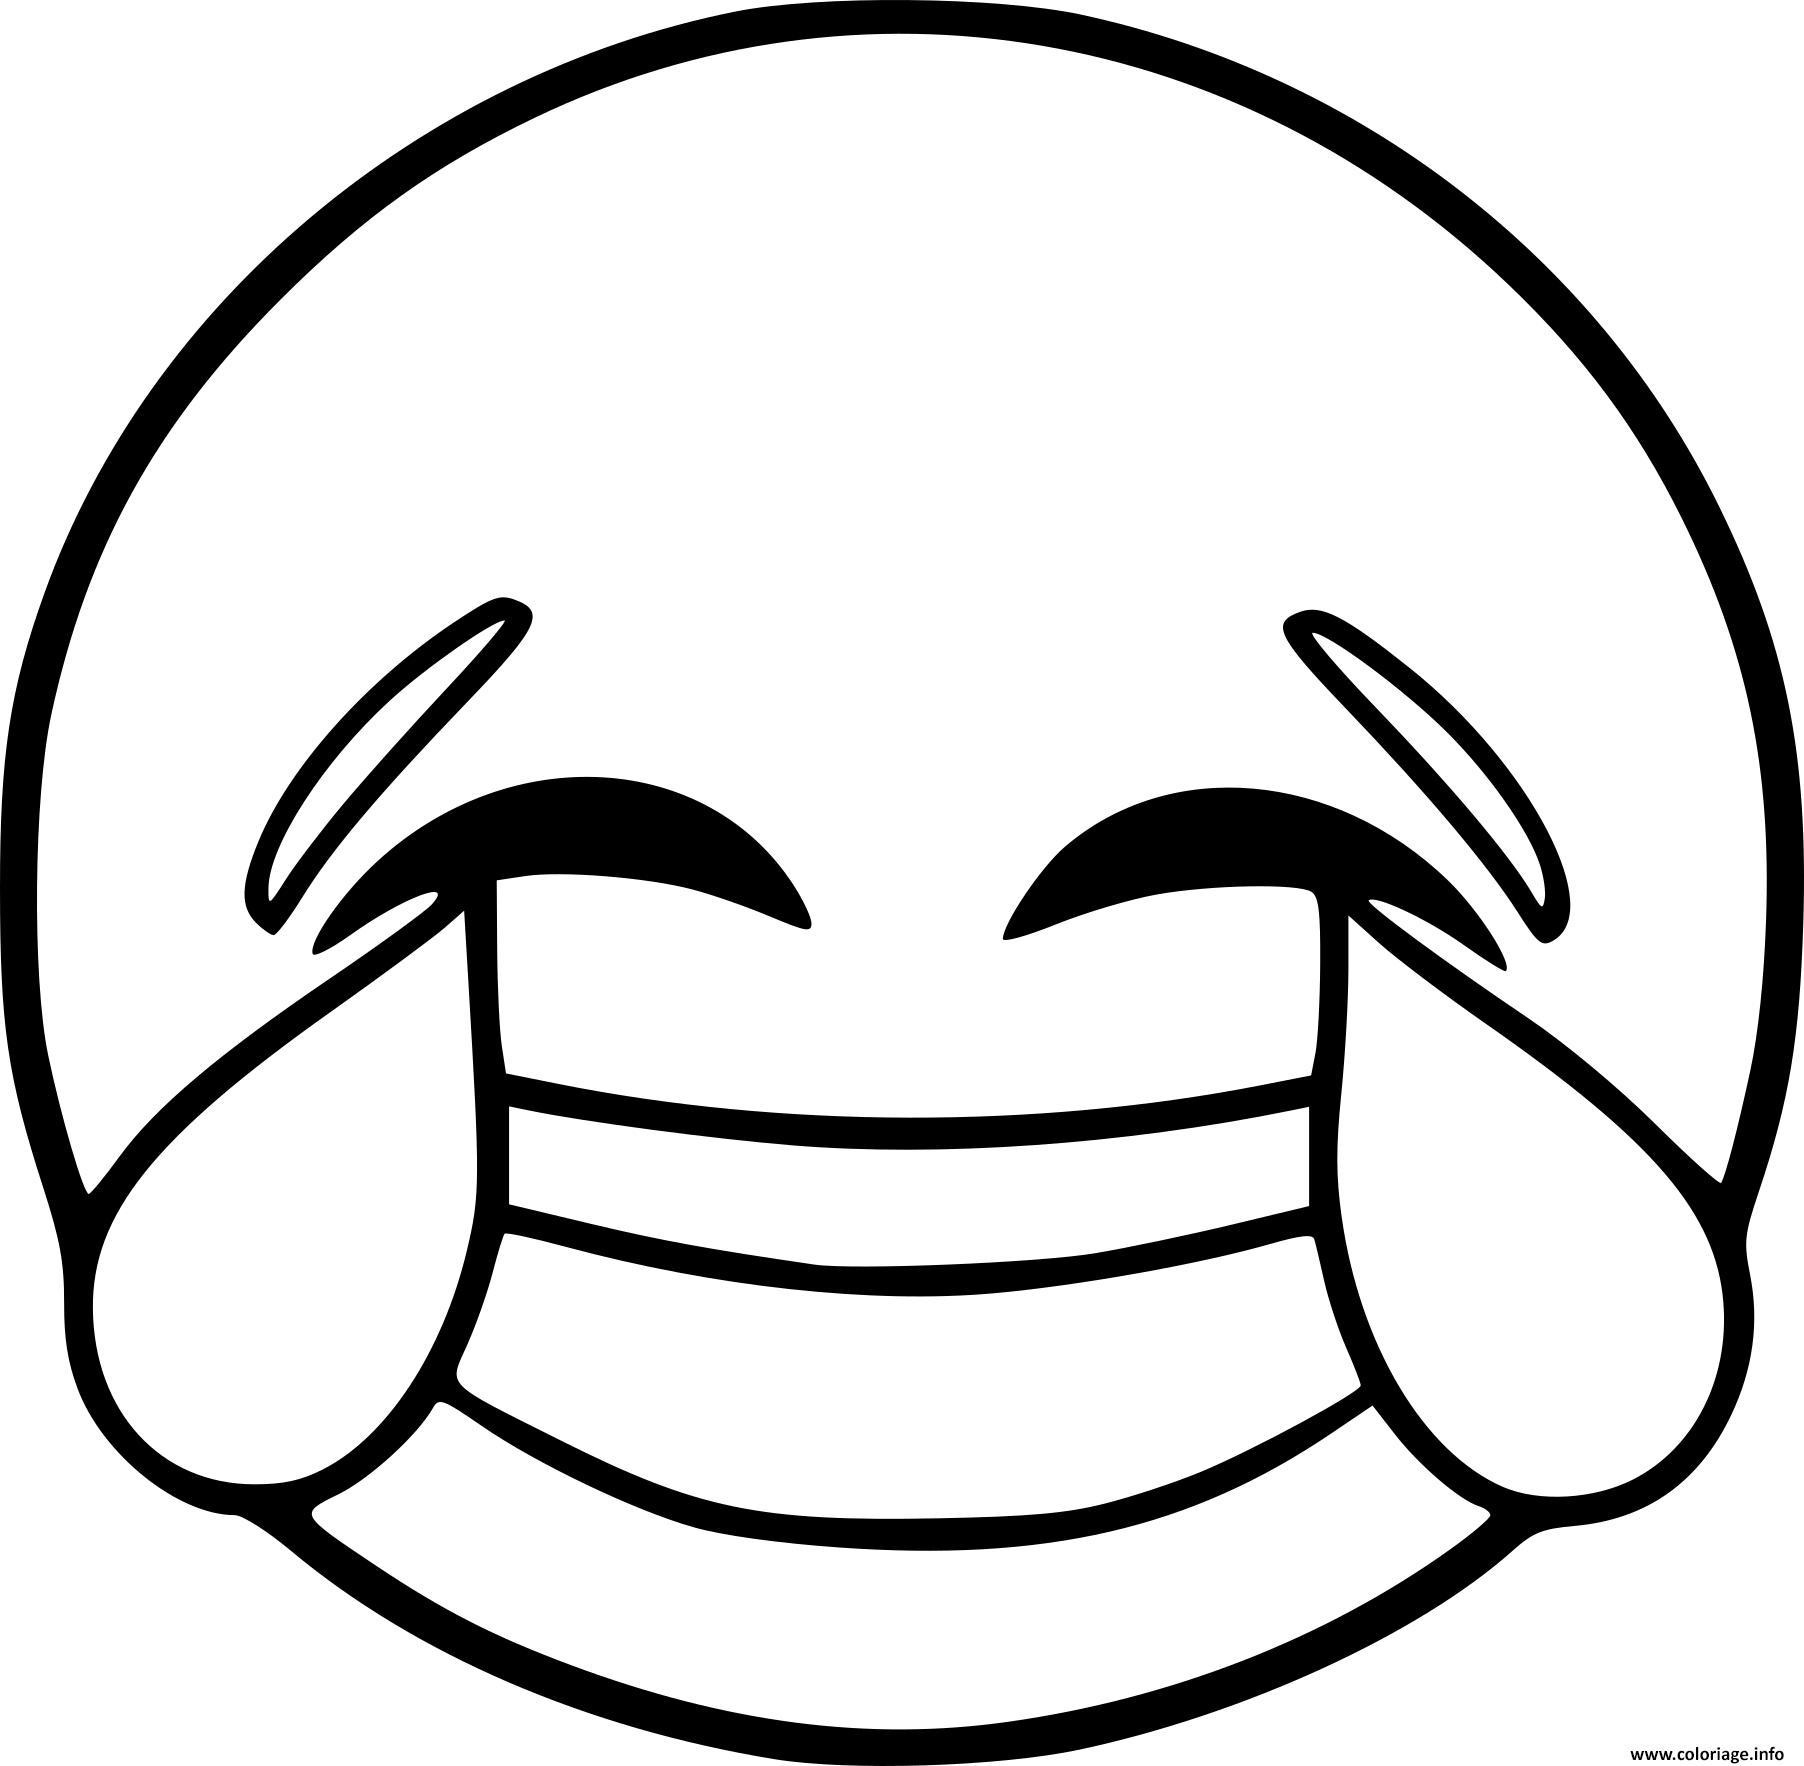 Coloriage Smiley Emoji Rire Dessin